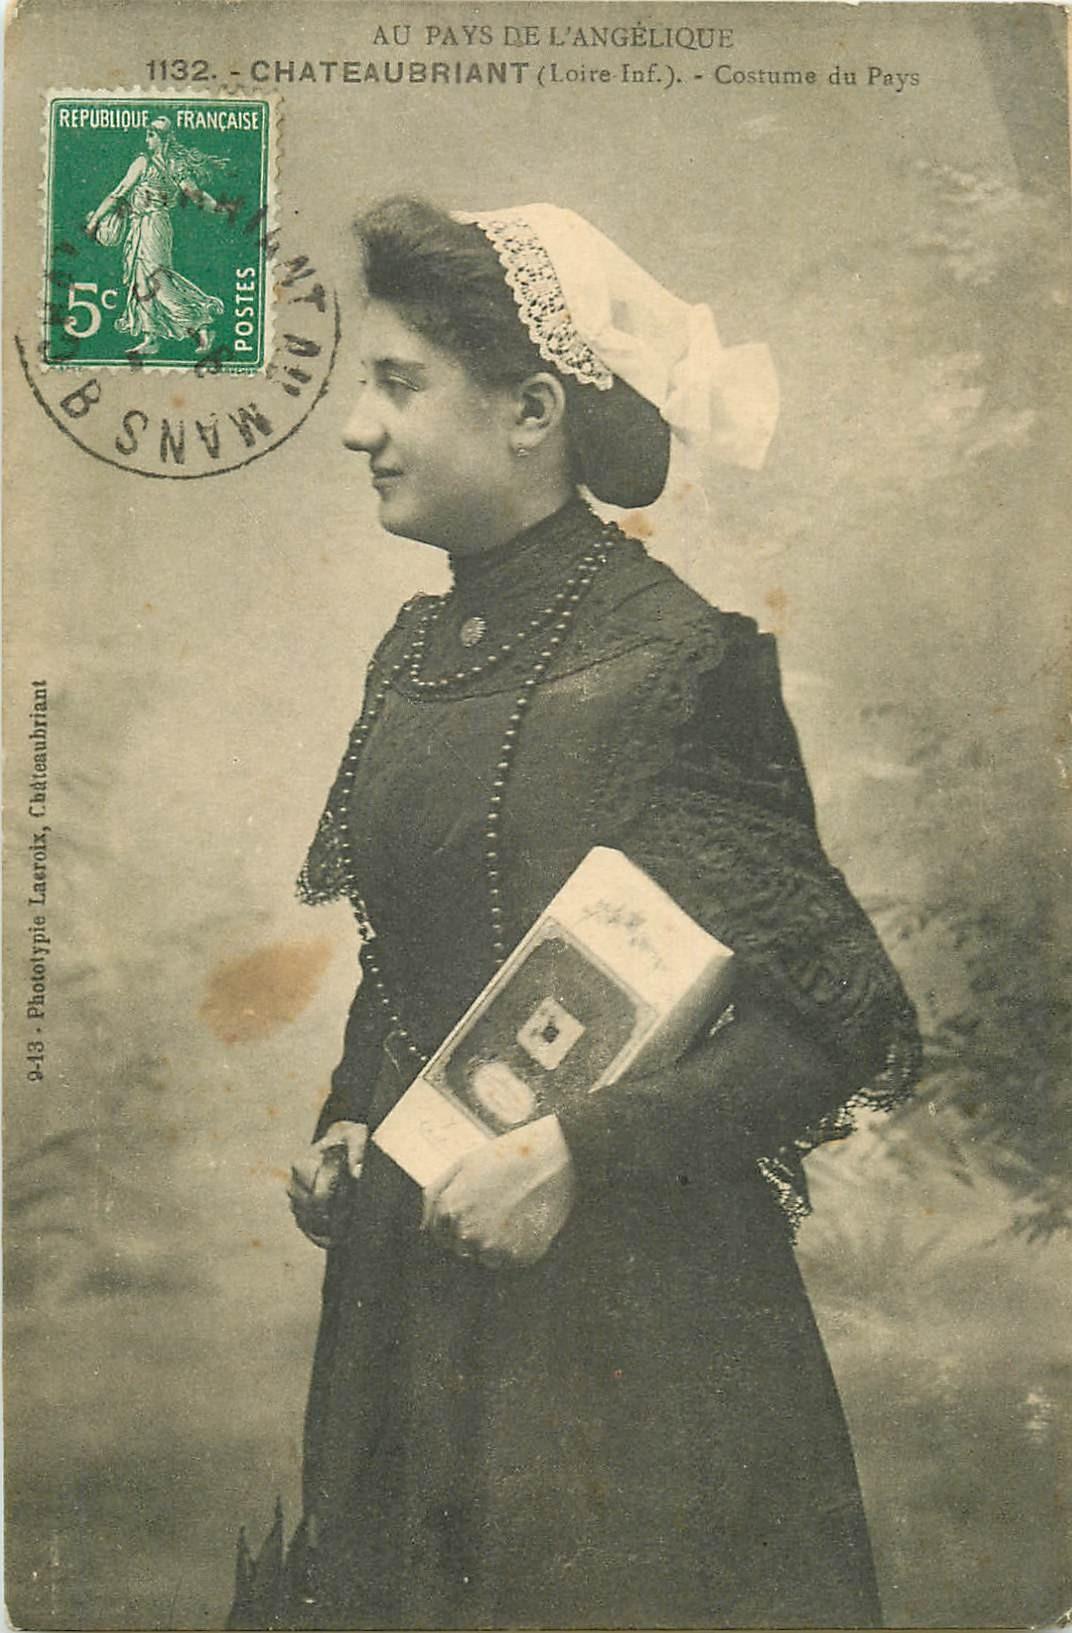 WW PAYS DE LOIRE. Costume de Châteaubriant vers 1912